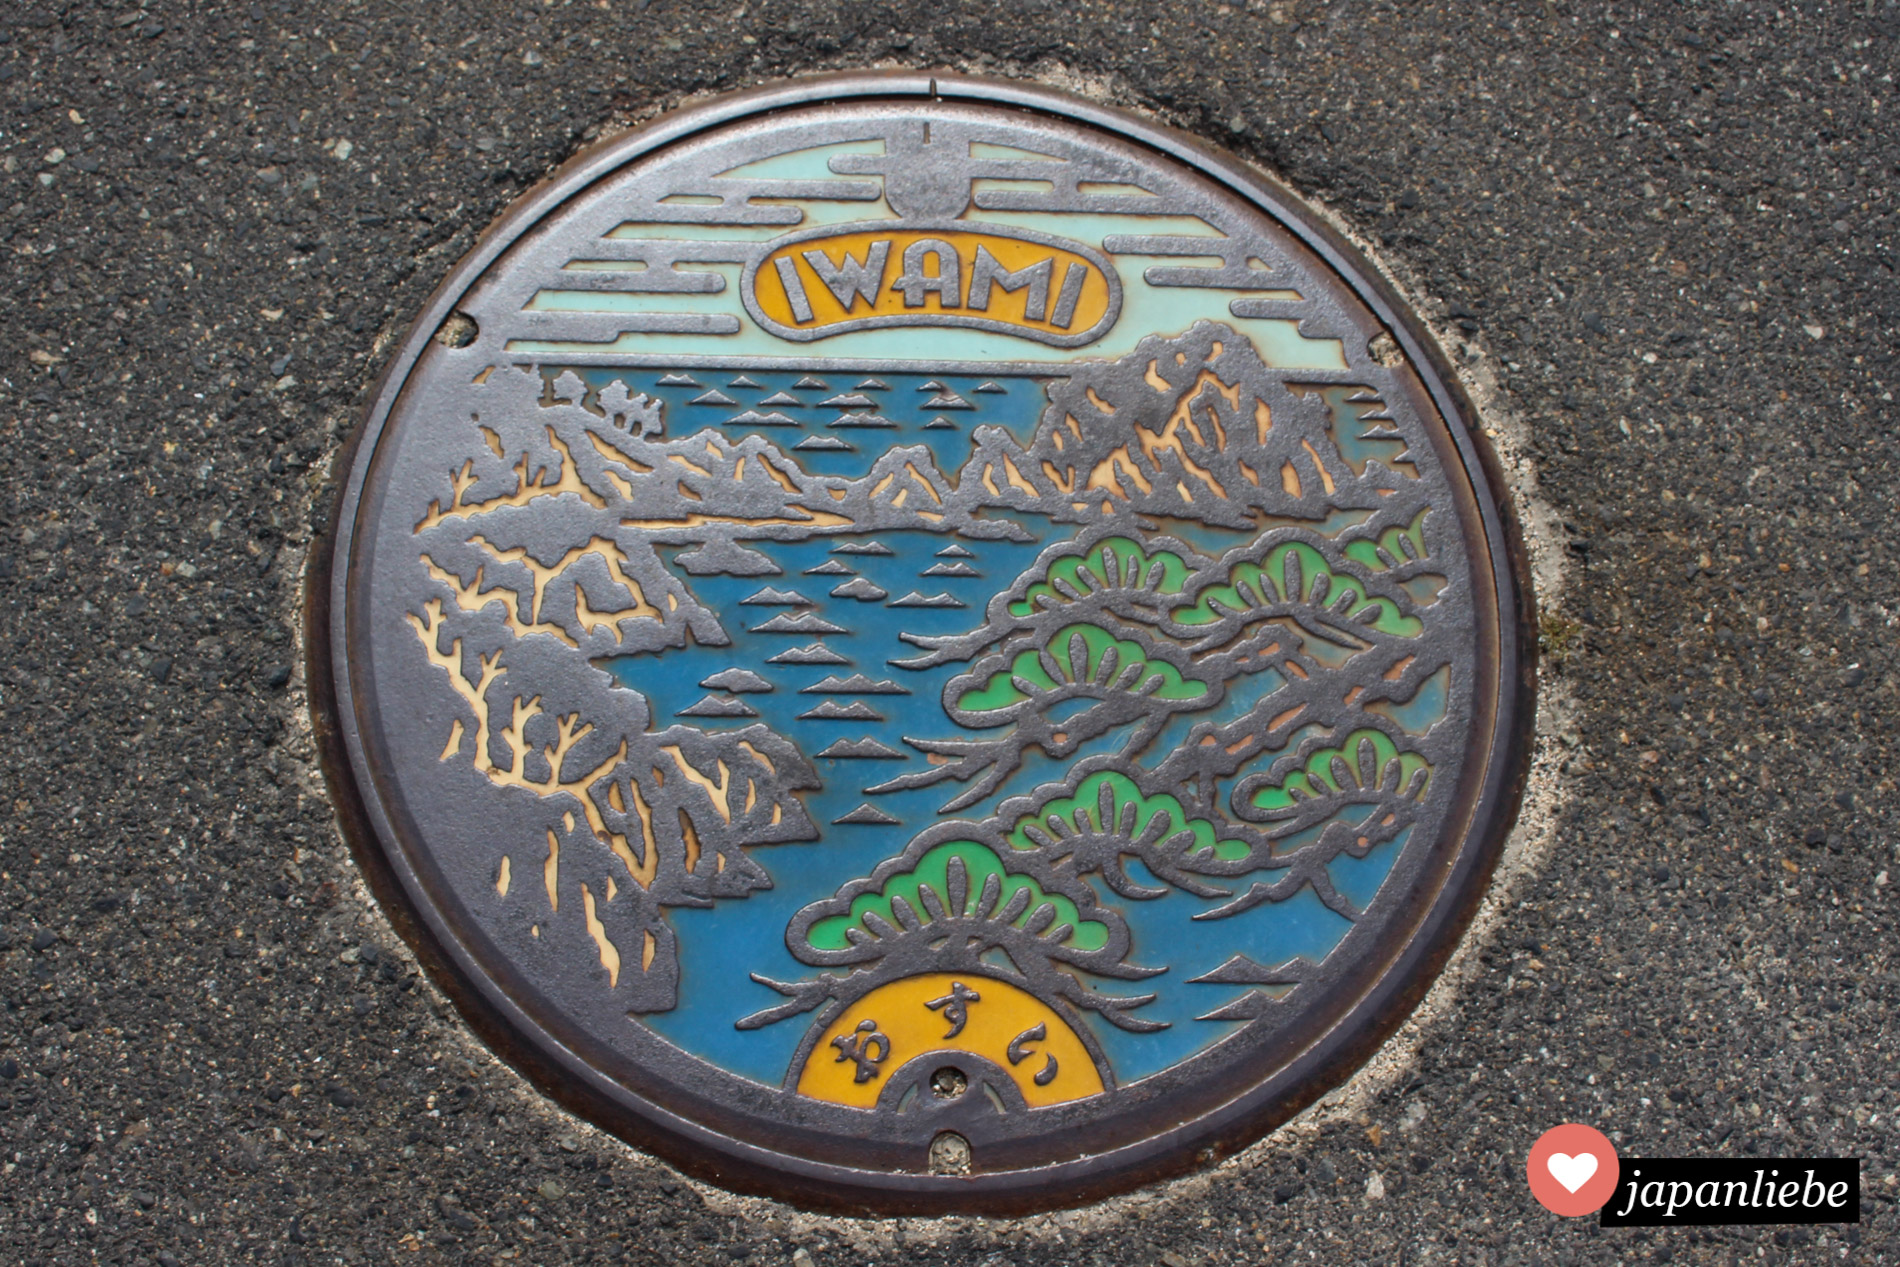 Die Stadt Iwami in der Präfektur Tottori liegt an der wundervollen San-in Küste. Das zeigt auch dieser bunte Kanaldeckel.